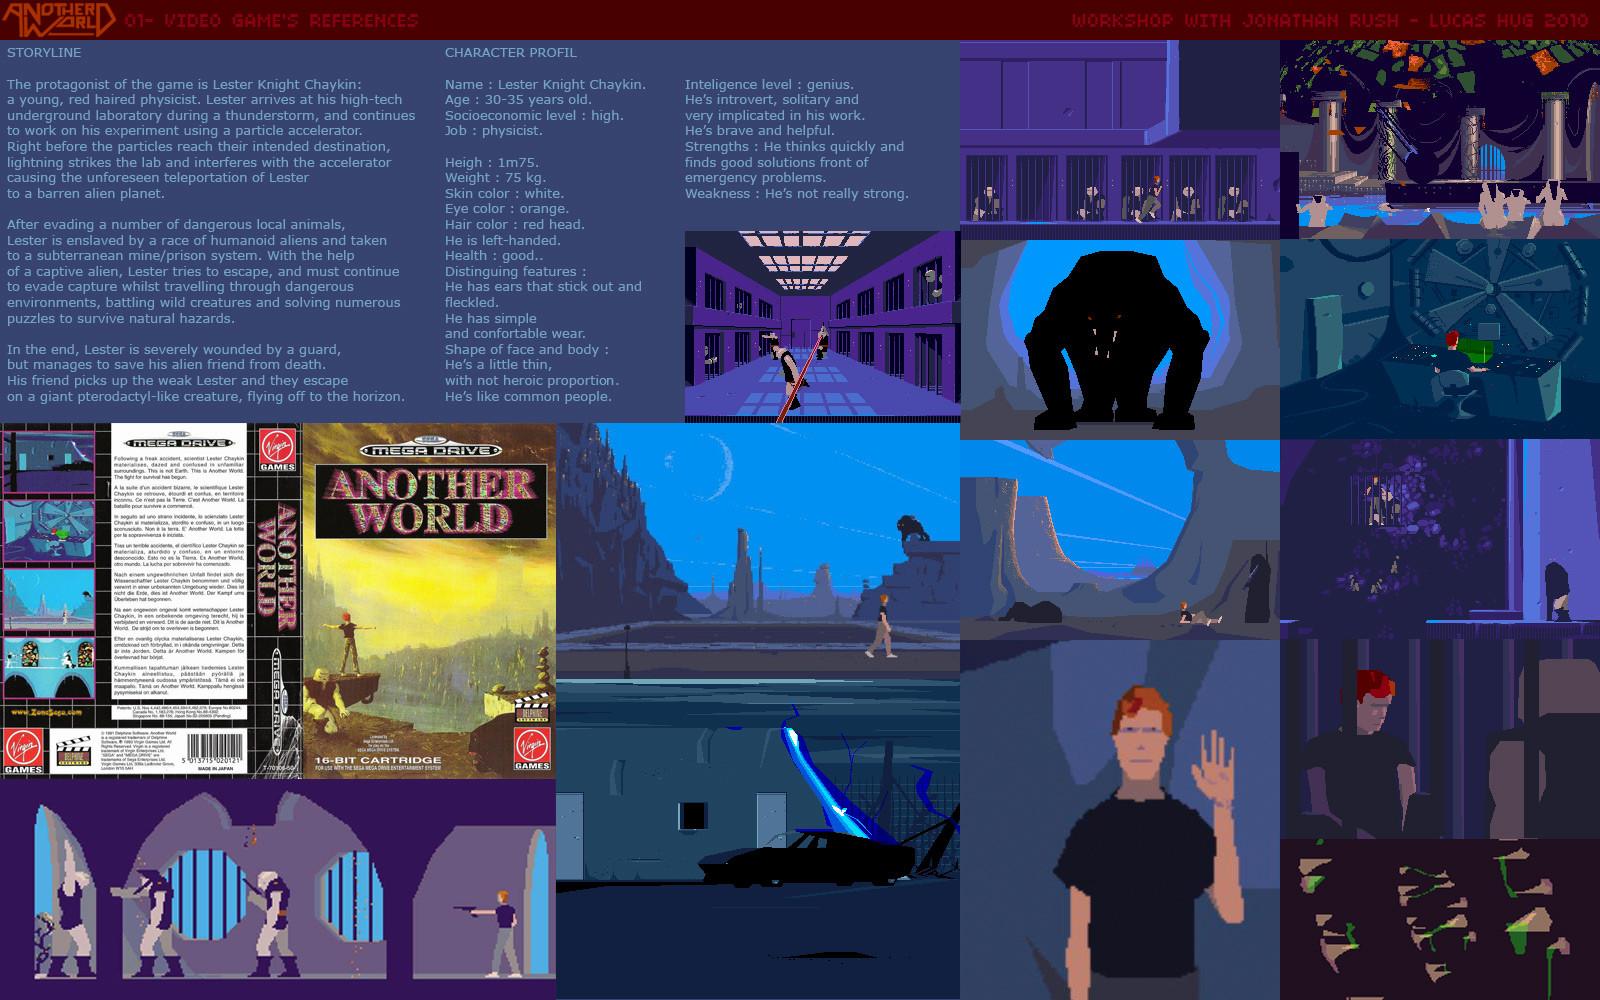 Lucas hug 01 videogamesreferences